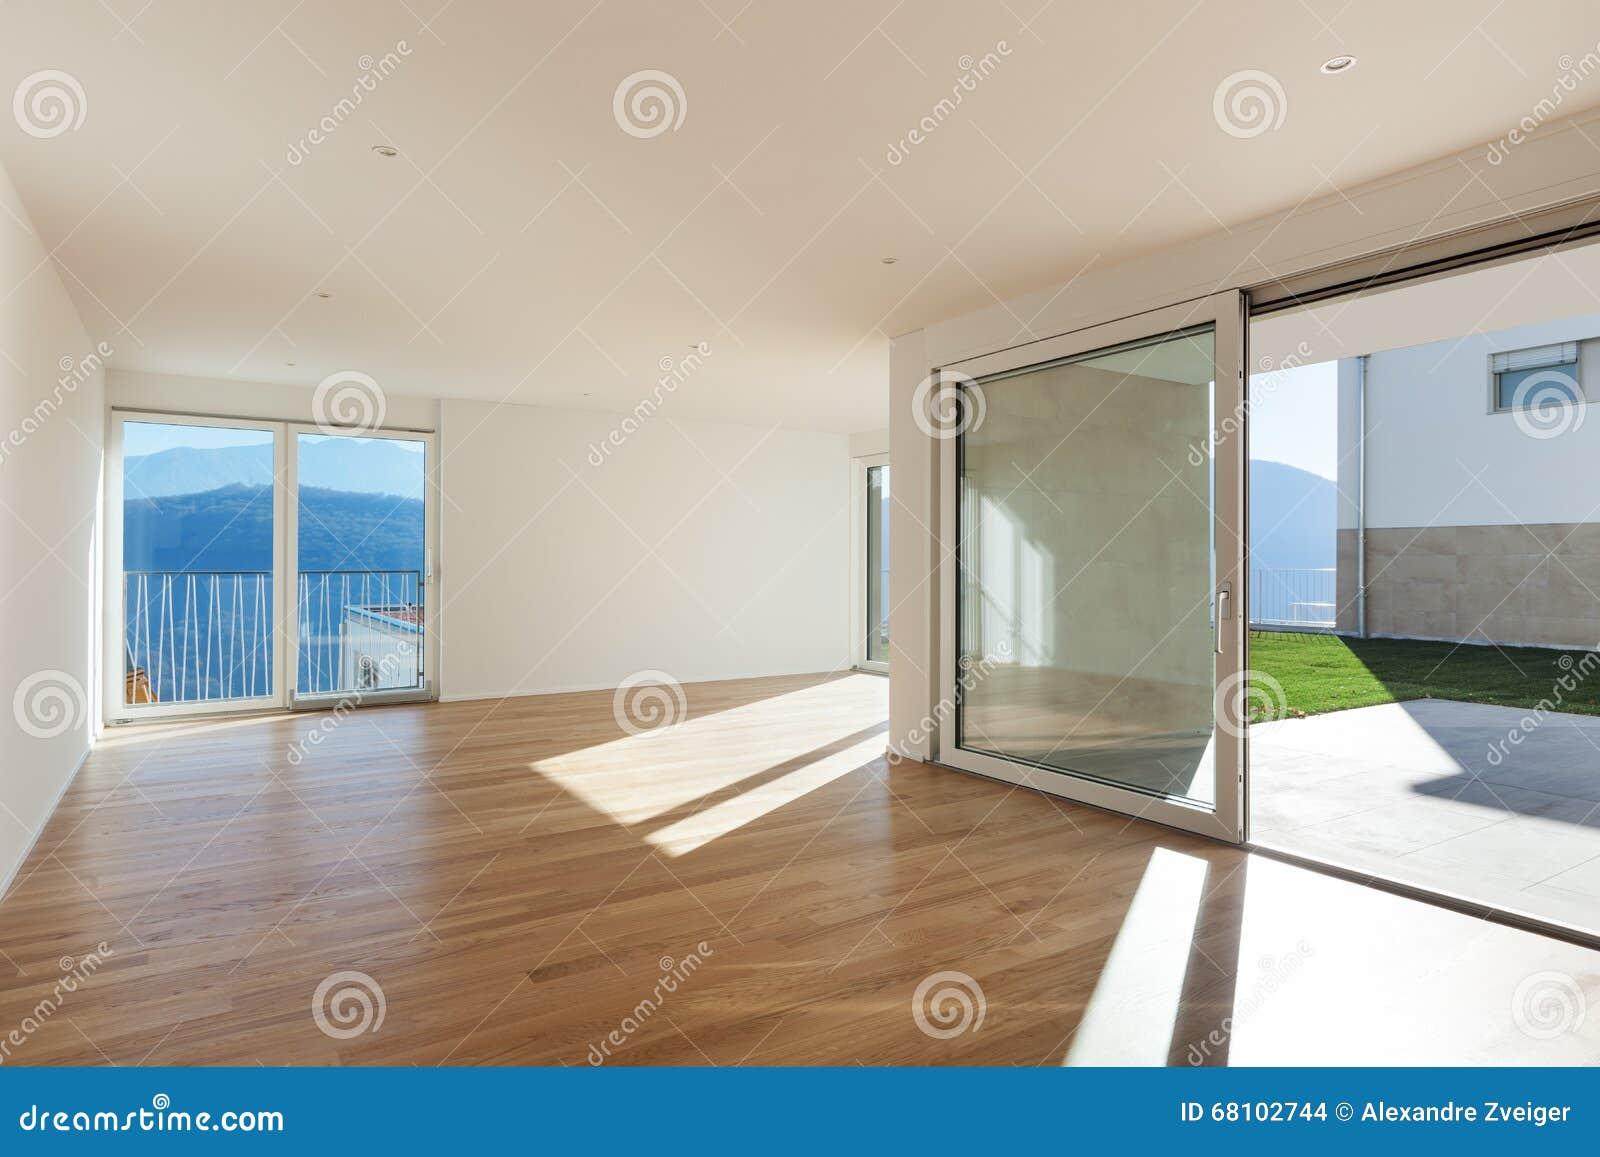 pi ce vide d 39 un appartement moderne photo stock image du int rieur appartement 68102744. Black Bedroom Furniture Sets. Home Design Ideas